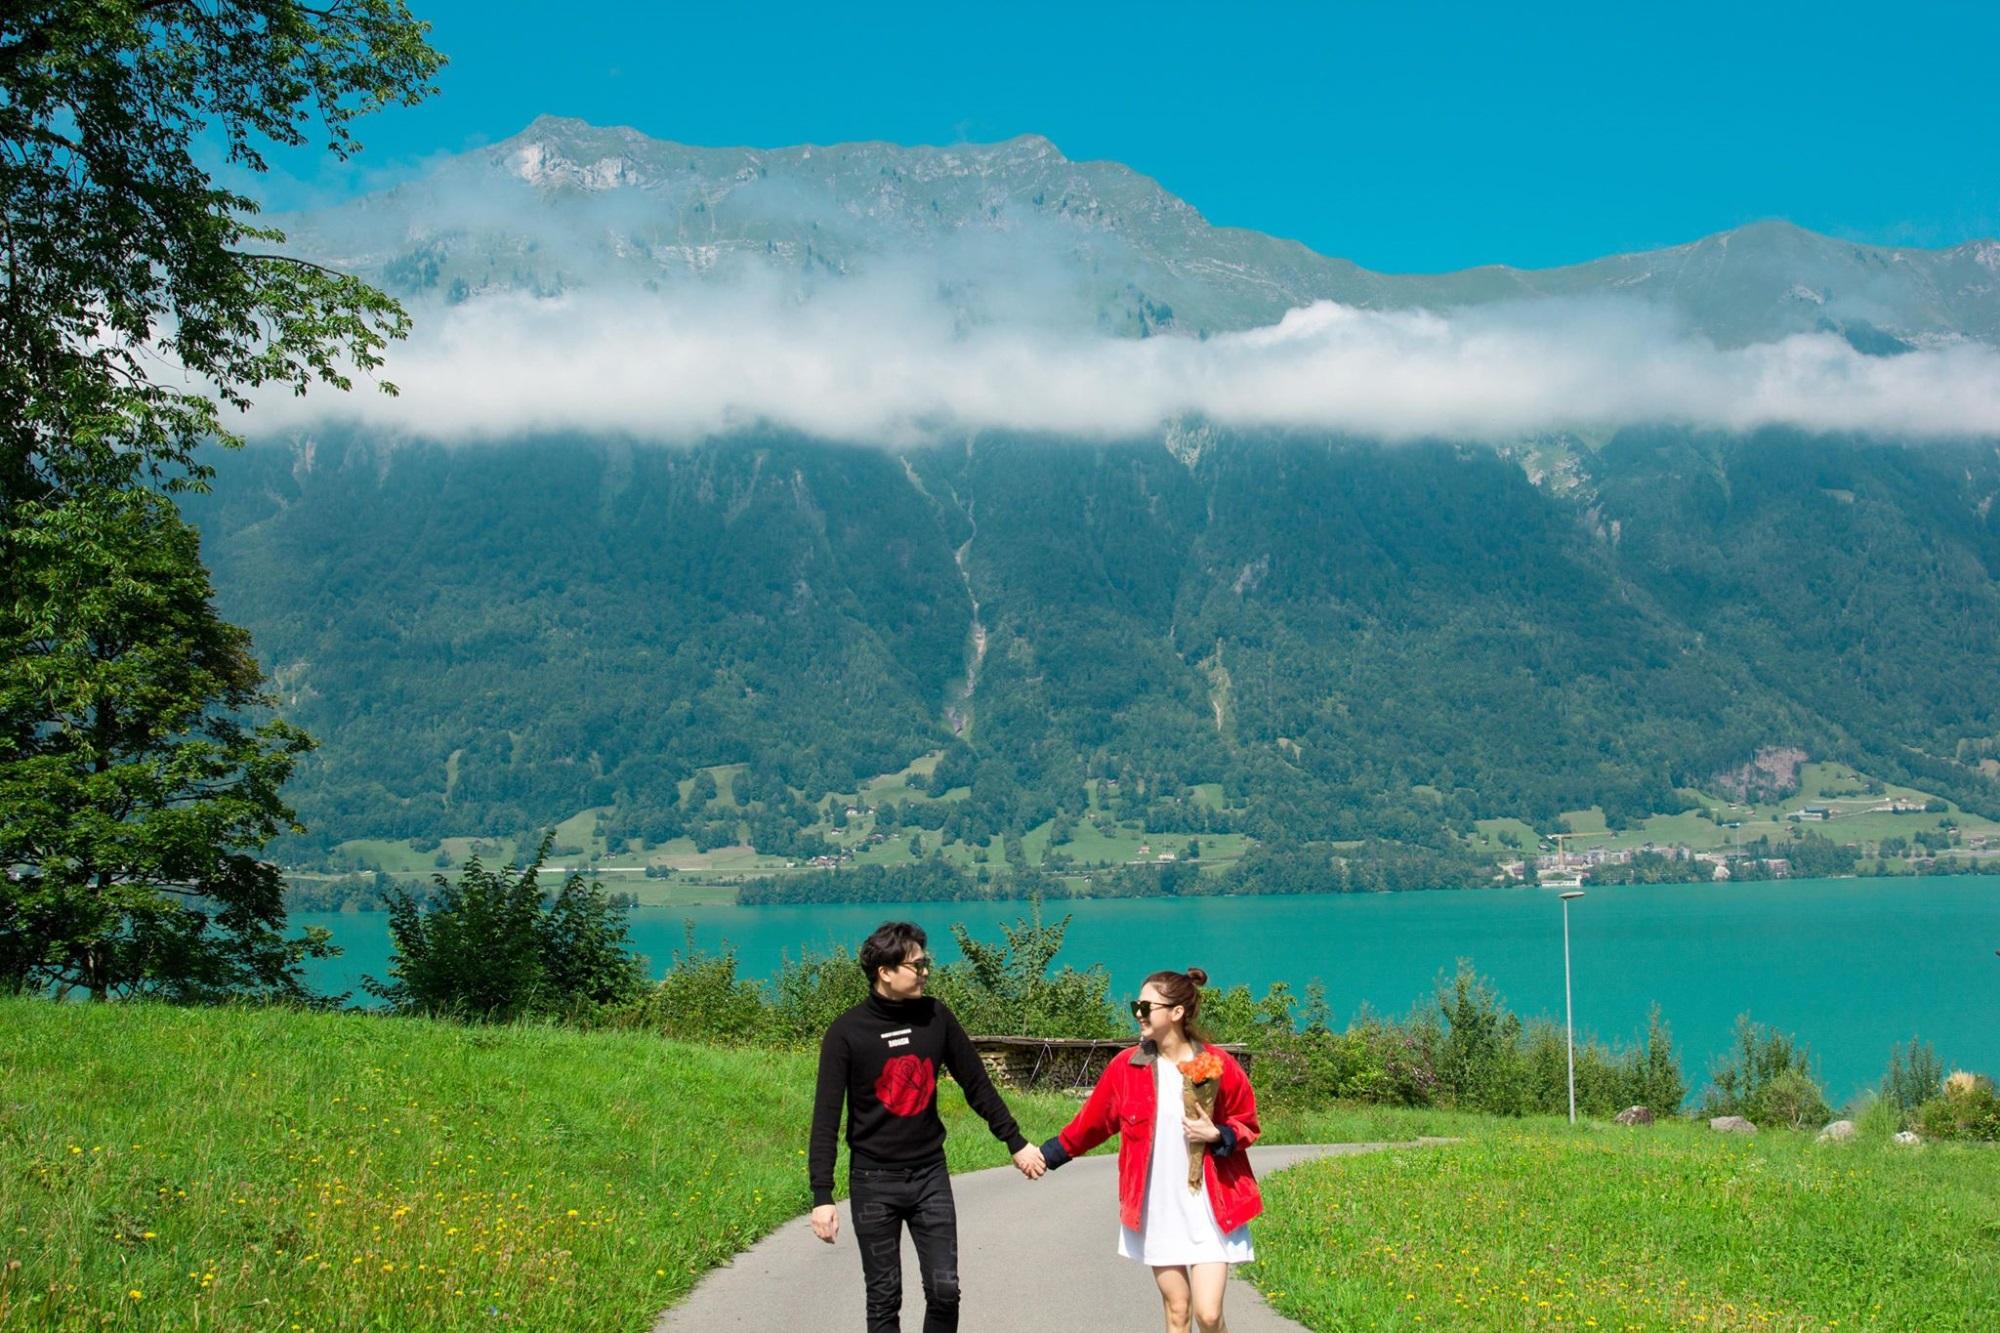 Fan choáng ngợp trước khung cảnh Thụy Sĩ đẹp như mơ trong MV của Trịnh Thăng Bình - Ảnh 2